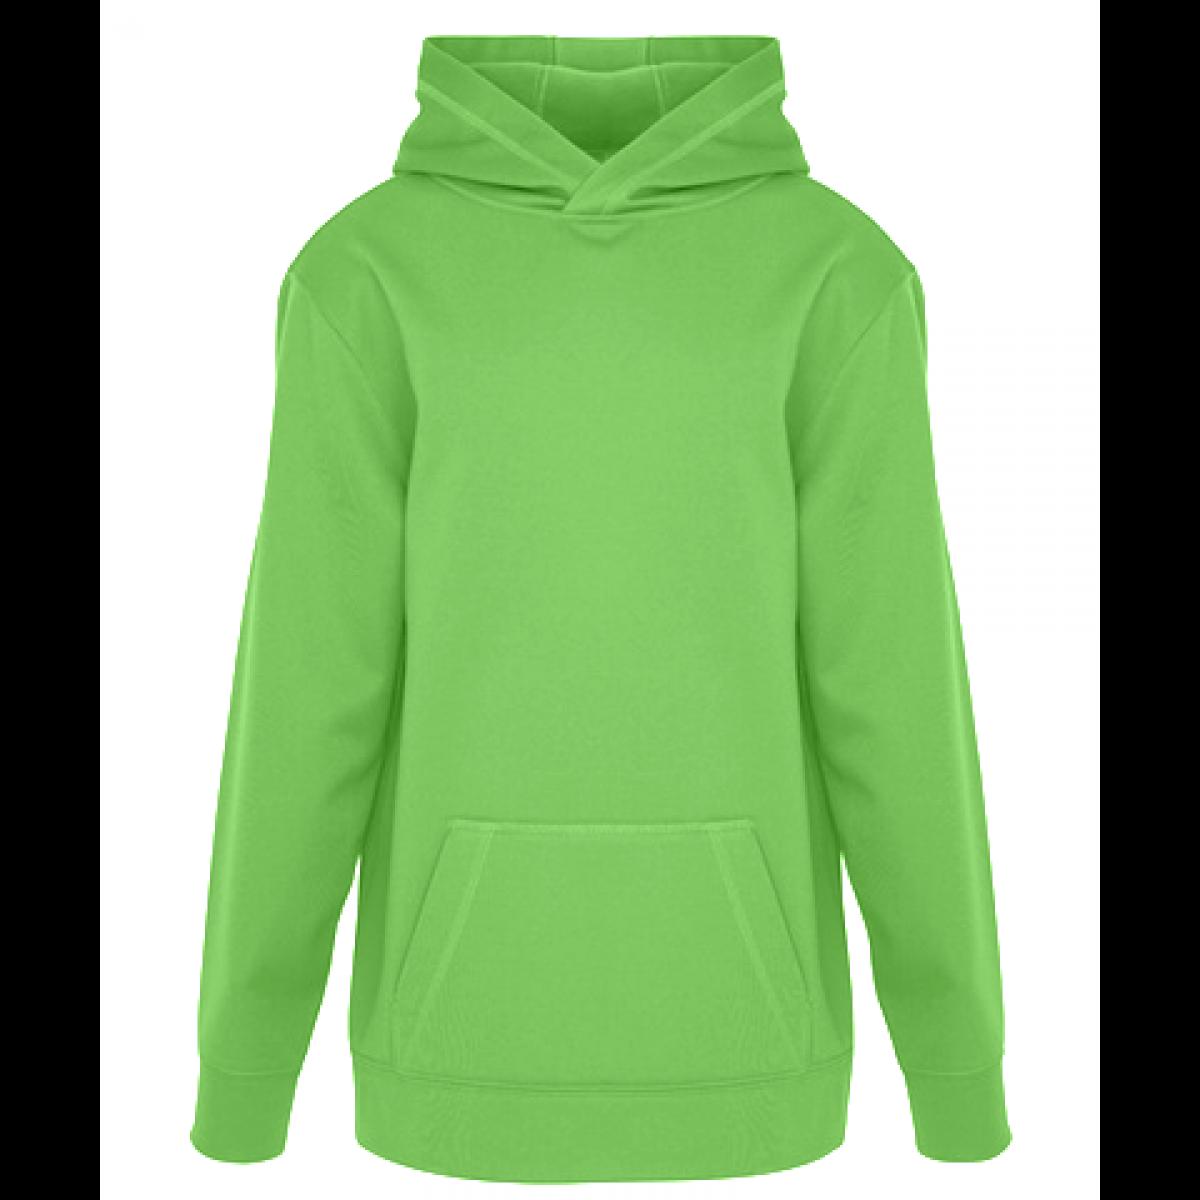 Game Day Fleece Hooded Ladies Sweatshirt-Lime Green-XS